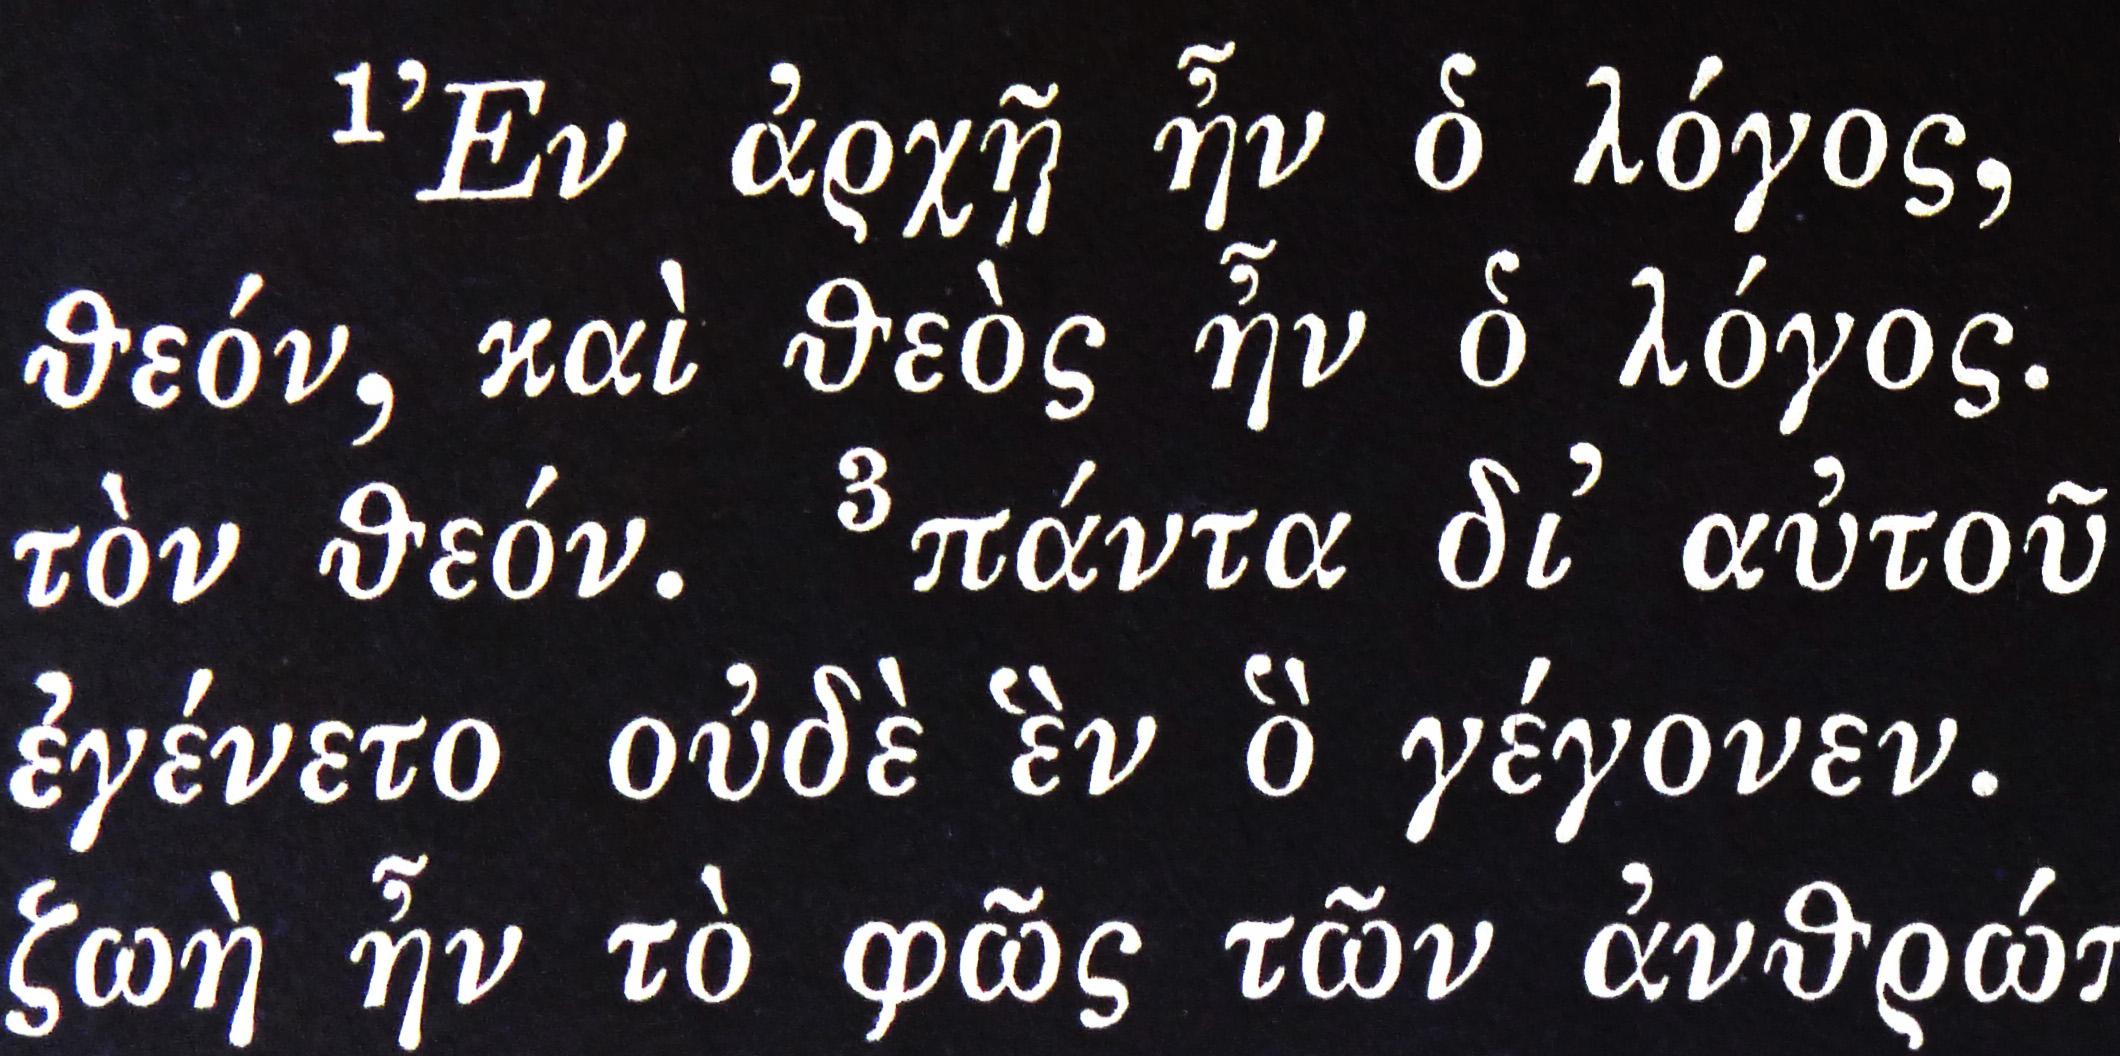 textverarbeitung dissertation Tok essay conclusion words textverarbeitung dissertation materielle enteignung beispiel essay college essay assistance graphic daniel ancient architecture essay greek.